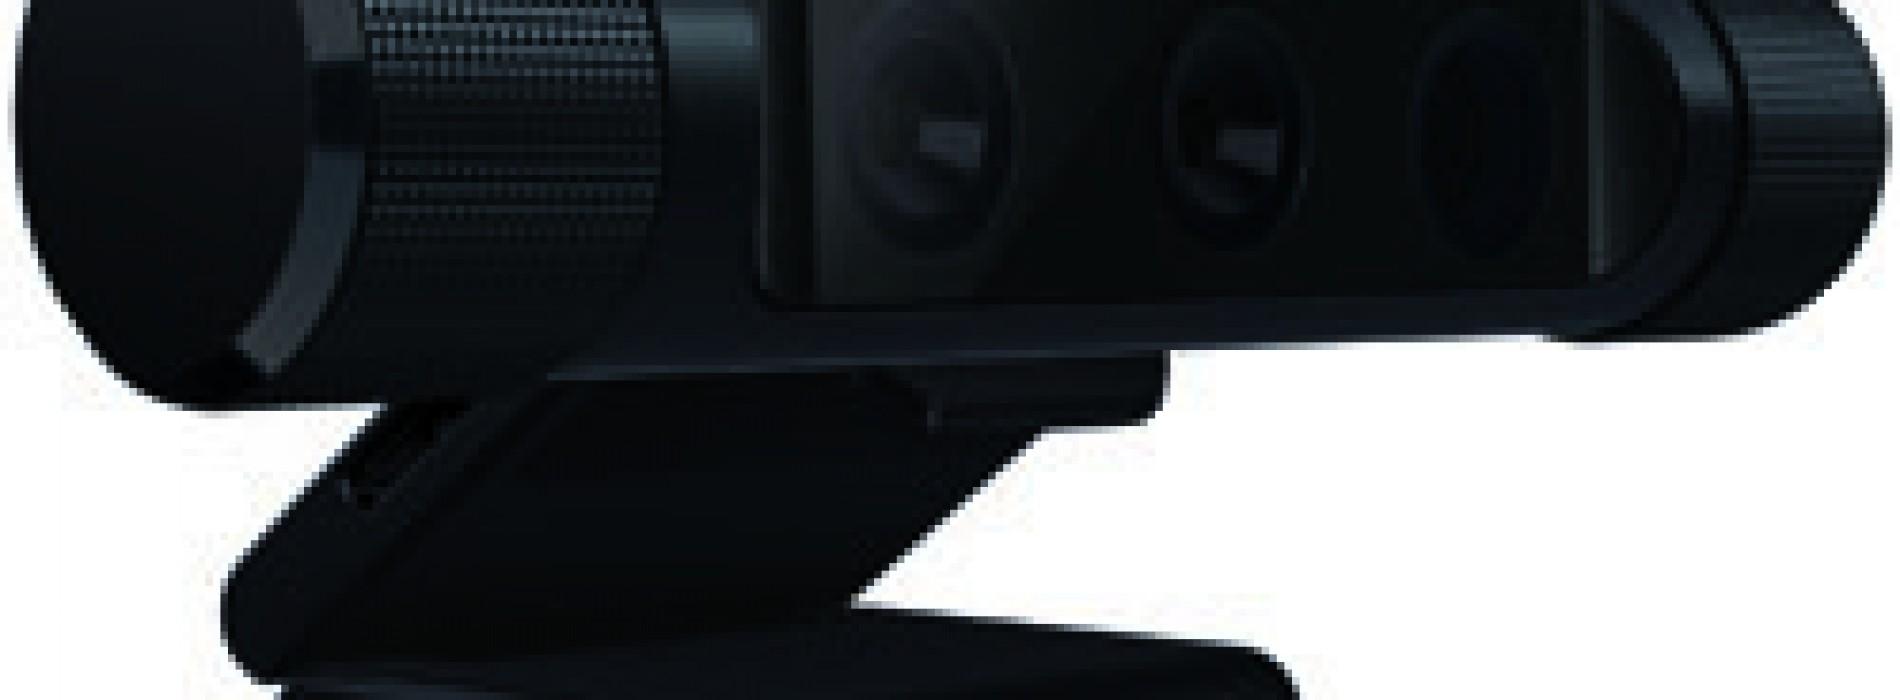 La cámara web más avanzada del mundo